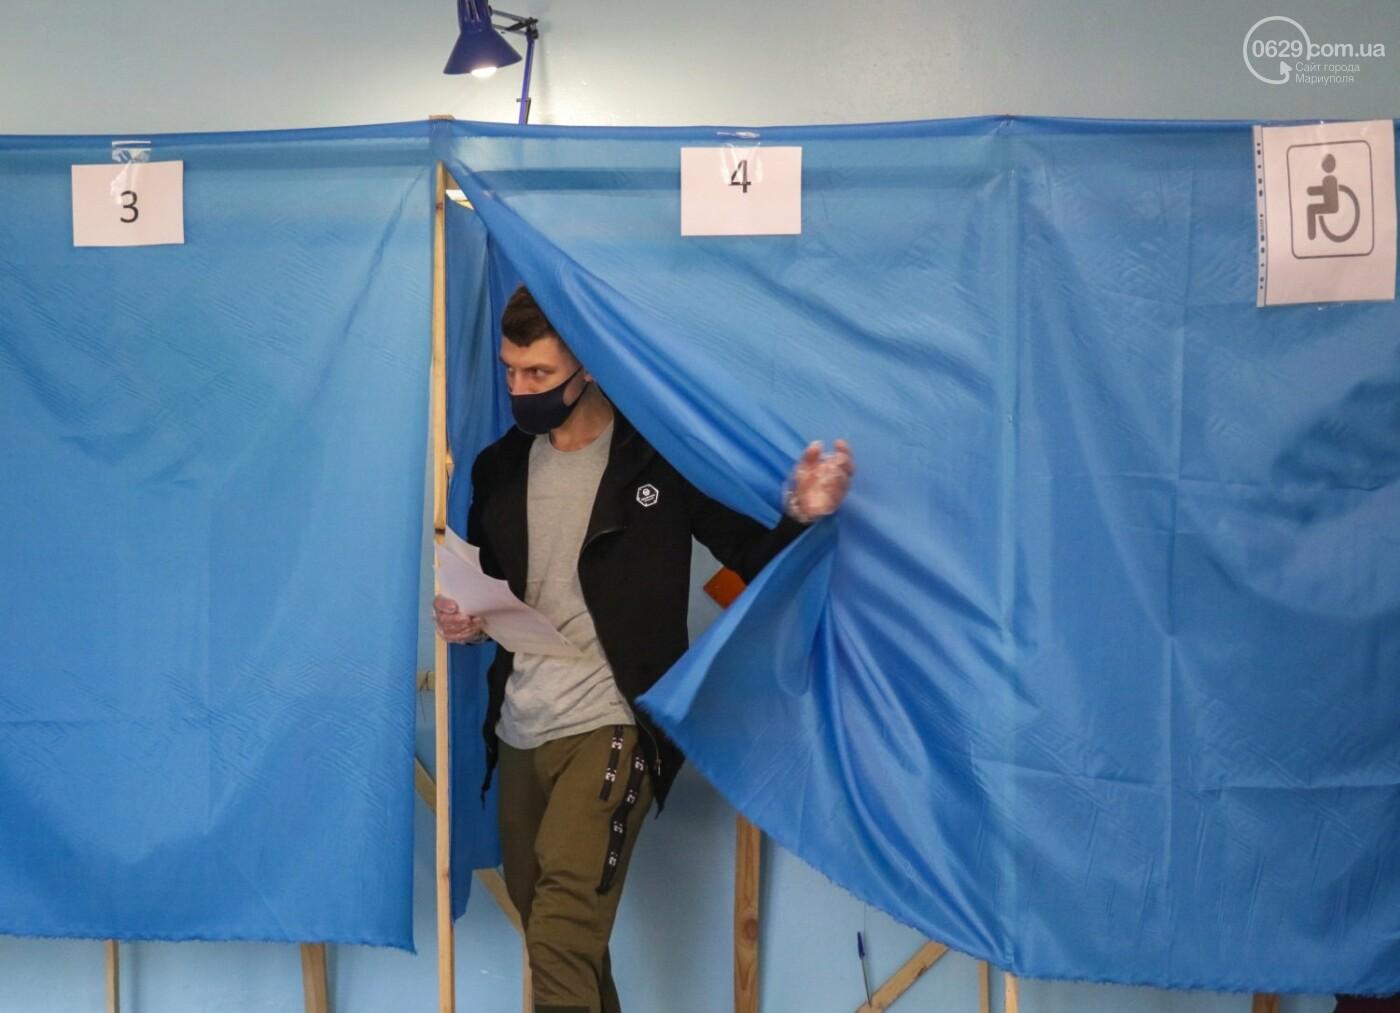 Как проходят выборы в Мариуполе – в 32-х фотографиях, - ФОТОРЕПОРТАЖ, фото-13